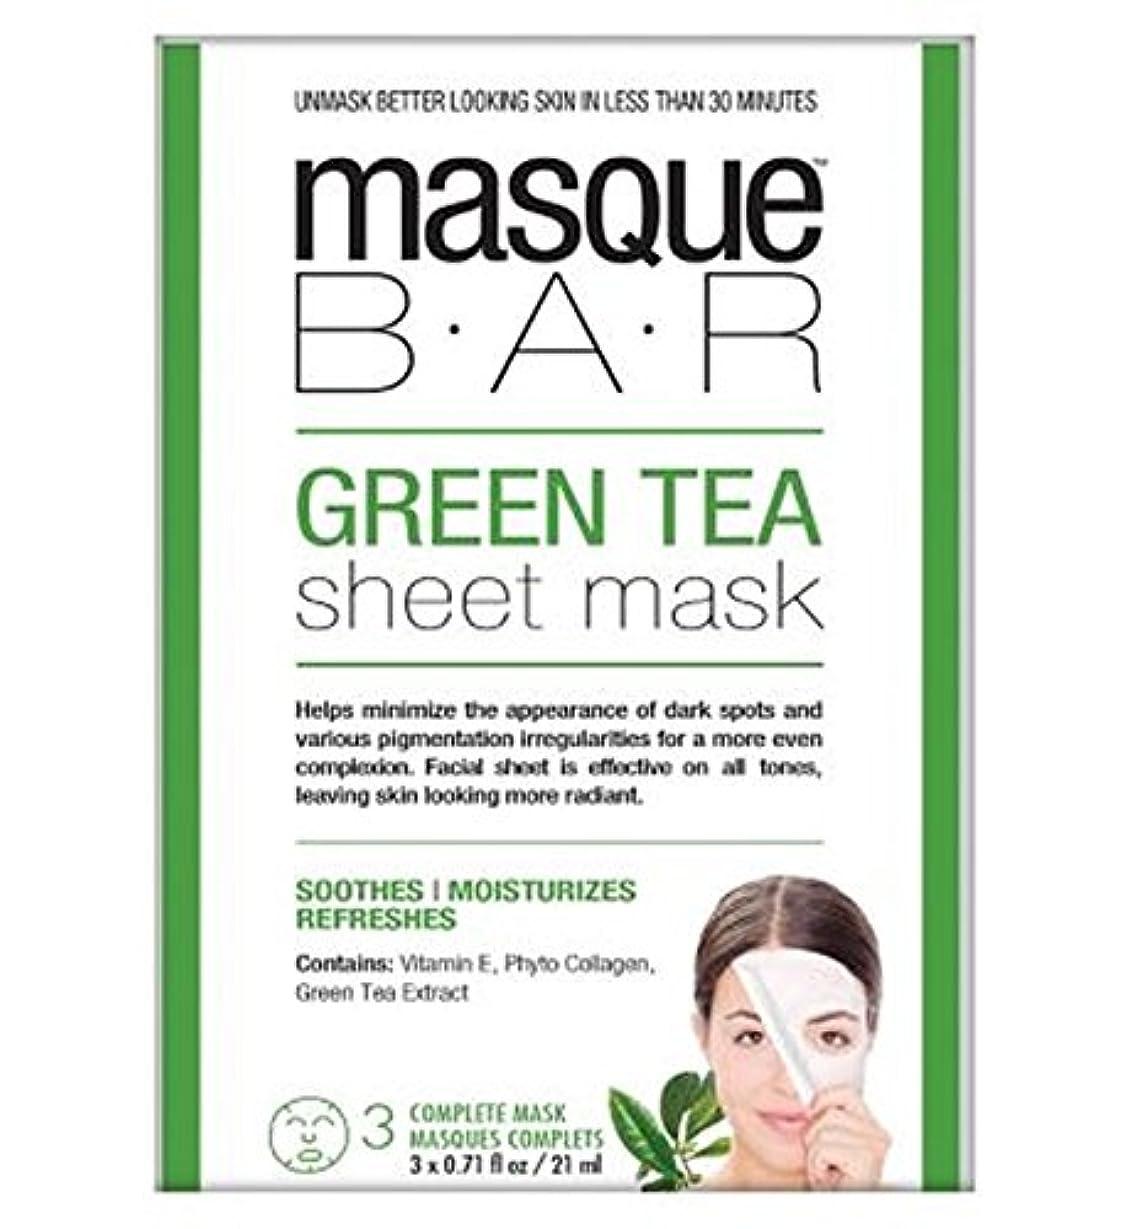 創始者カスケードやさしい仮面劇バー緑茶シートマスク - 3完全なマスク (P6B Masque Bar Bt) (x2) - Masque Bar Green Tea Sheet Mask - 3 complete masks (Pack of...